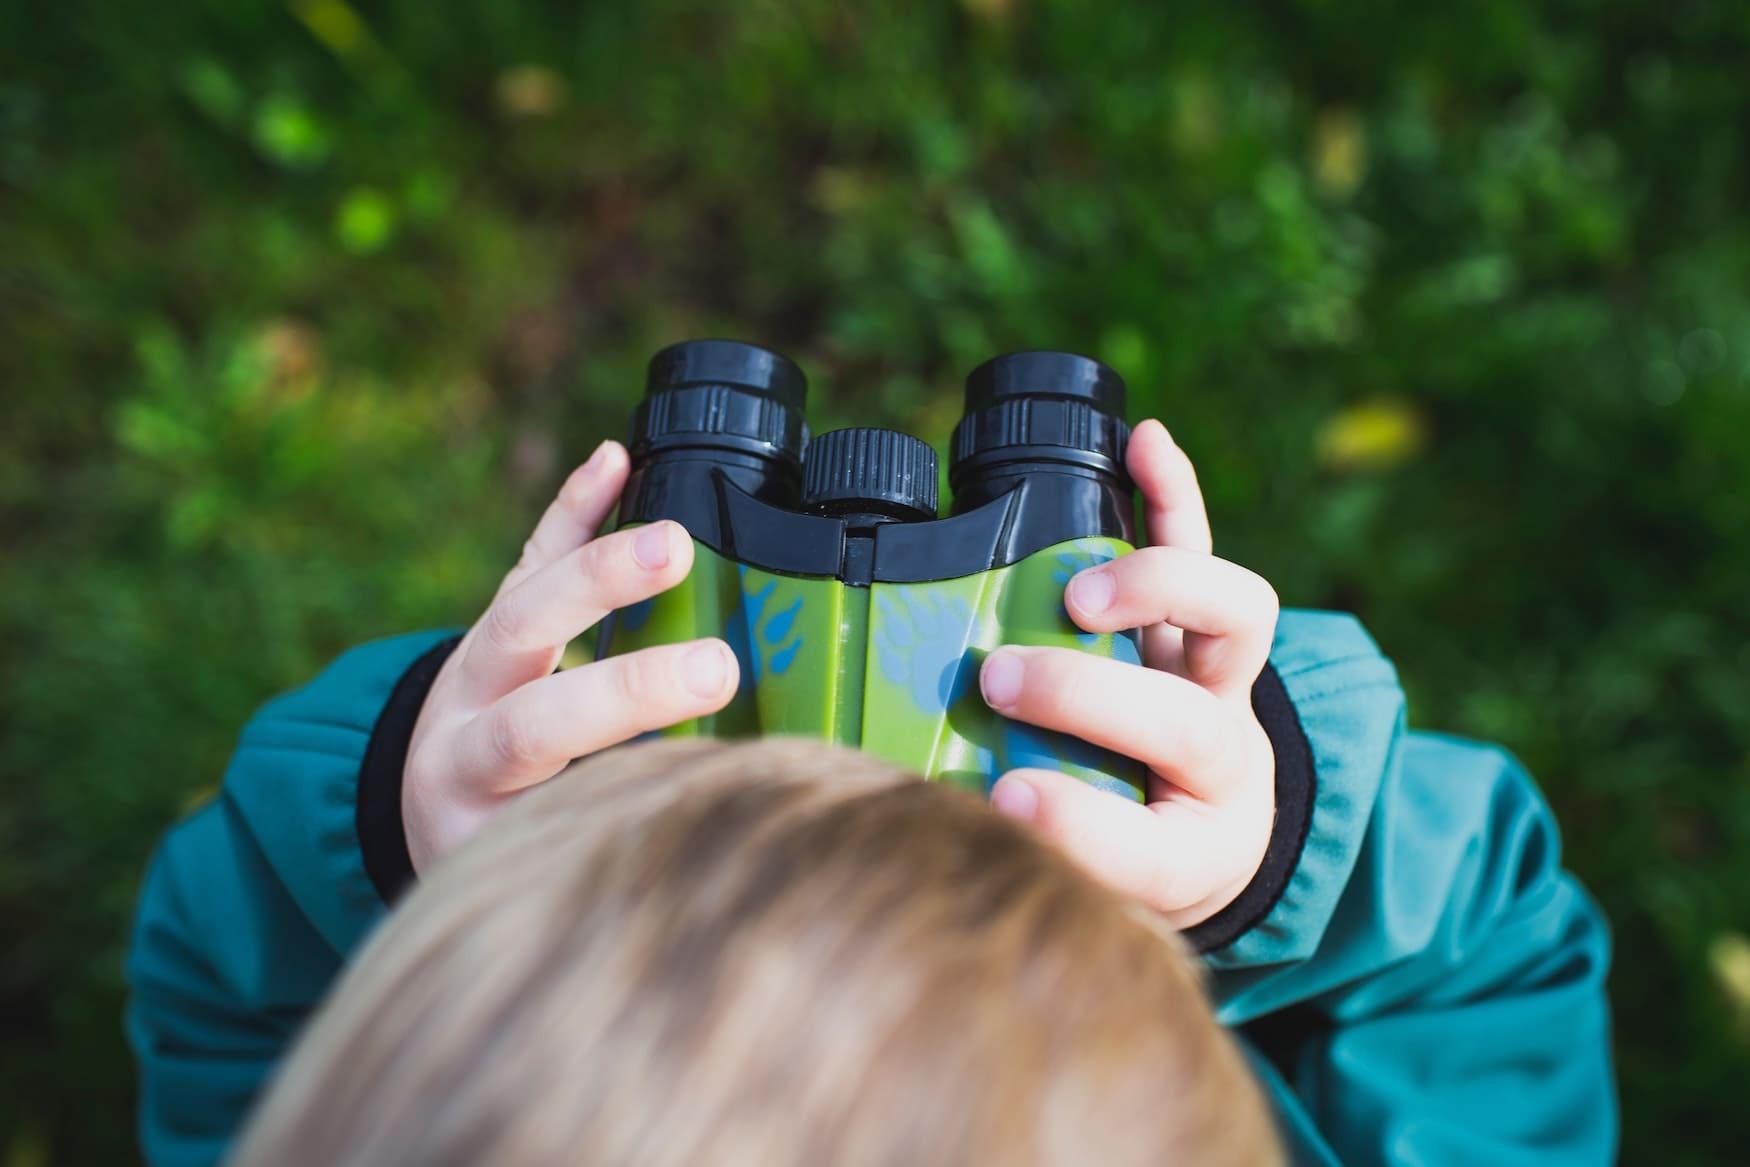 Junge mit Fernglas geht auf Safari in Deutschland